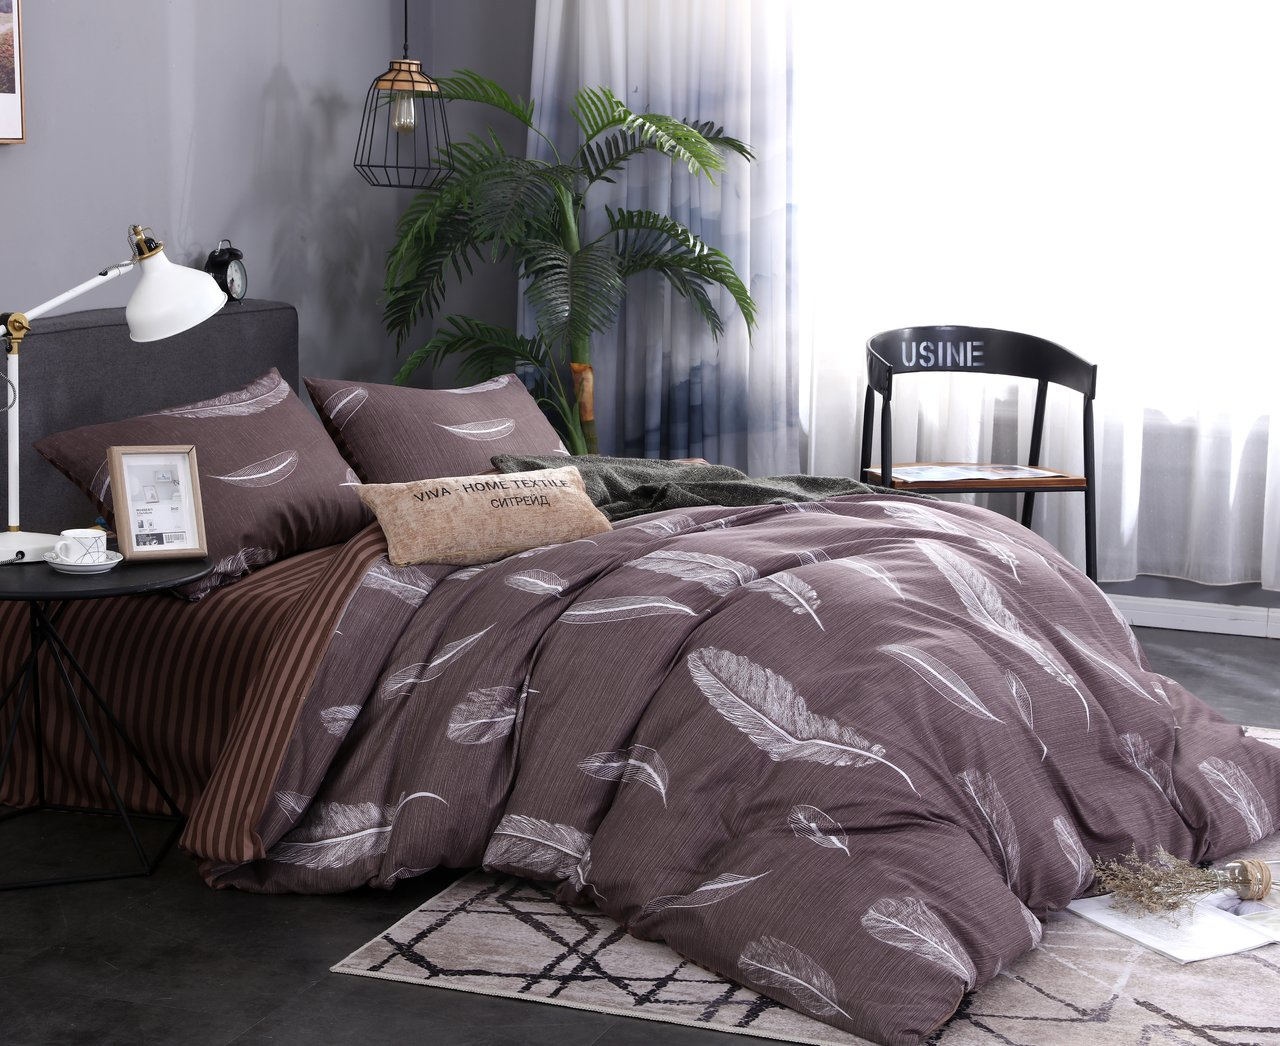 Комплект постельного белья Сатин подарочный AC059 Cитрейд 1.5 спальный, наволочки 50-70 2 шт елка канадская 150 см 342 ветки 1 шт в упаковке 2